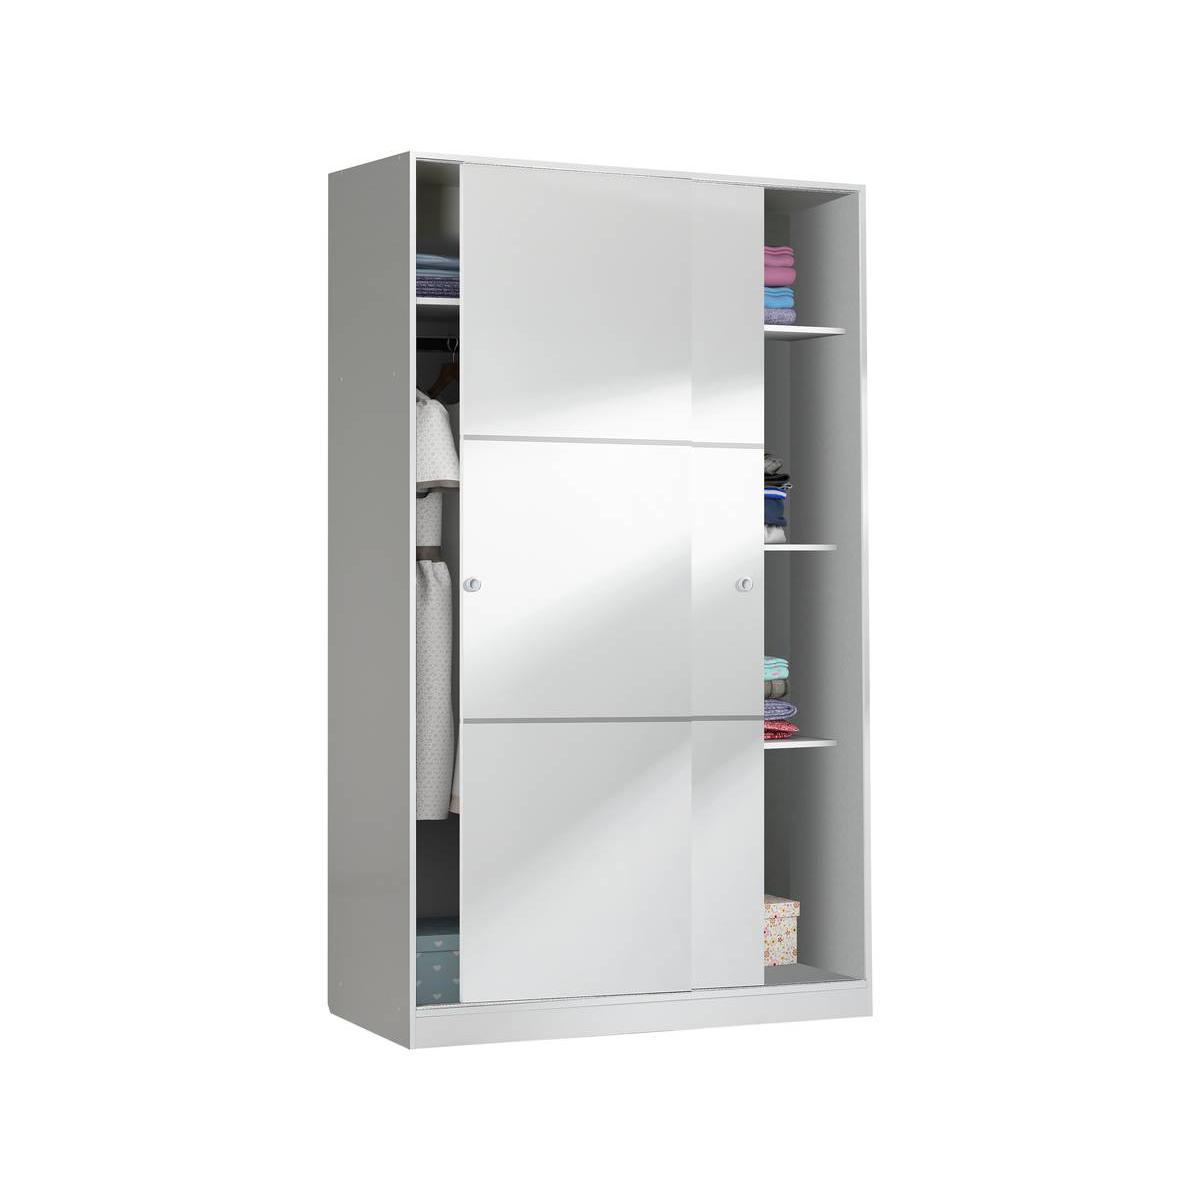 Habitat Et Jardin Armoire Max - 2 portes coulissantes - 200 x 120 x 50 cm - Blanc